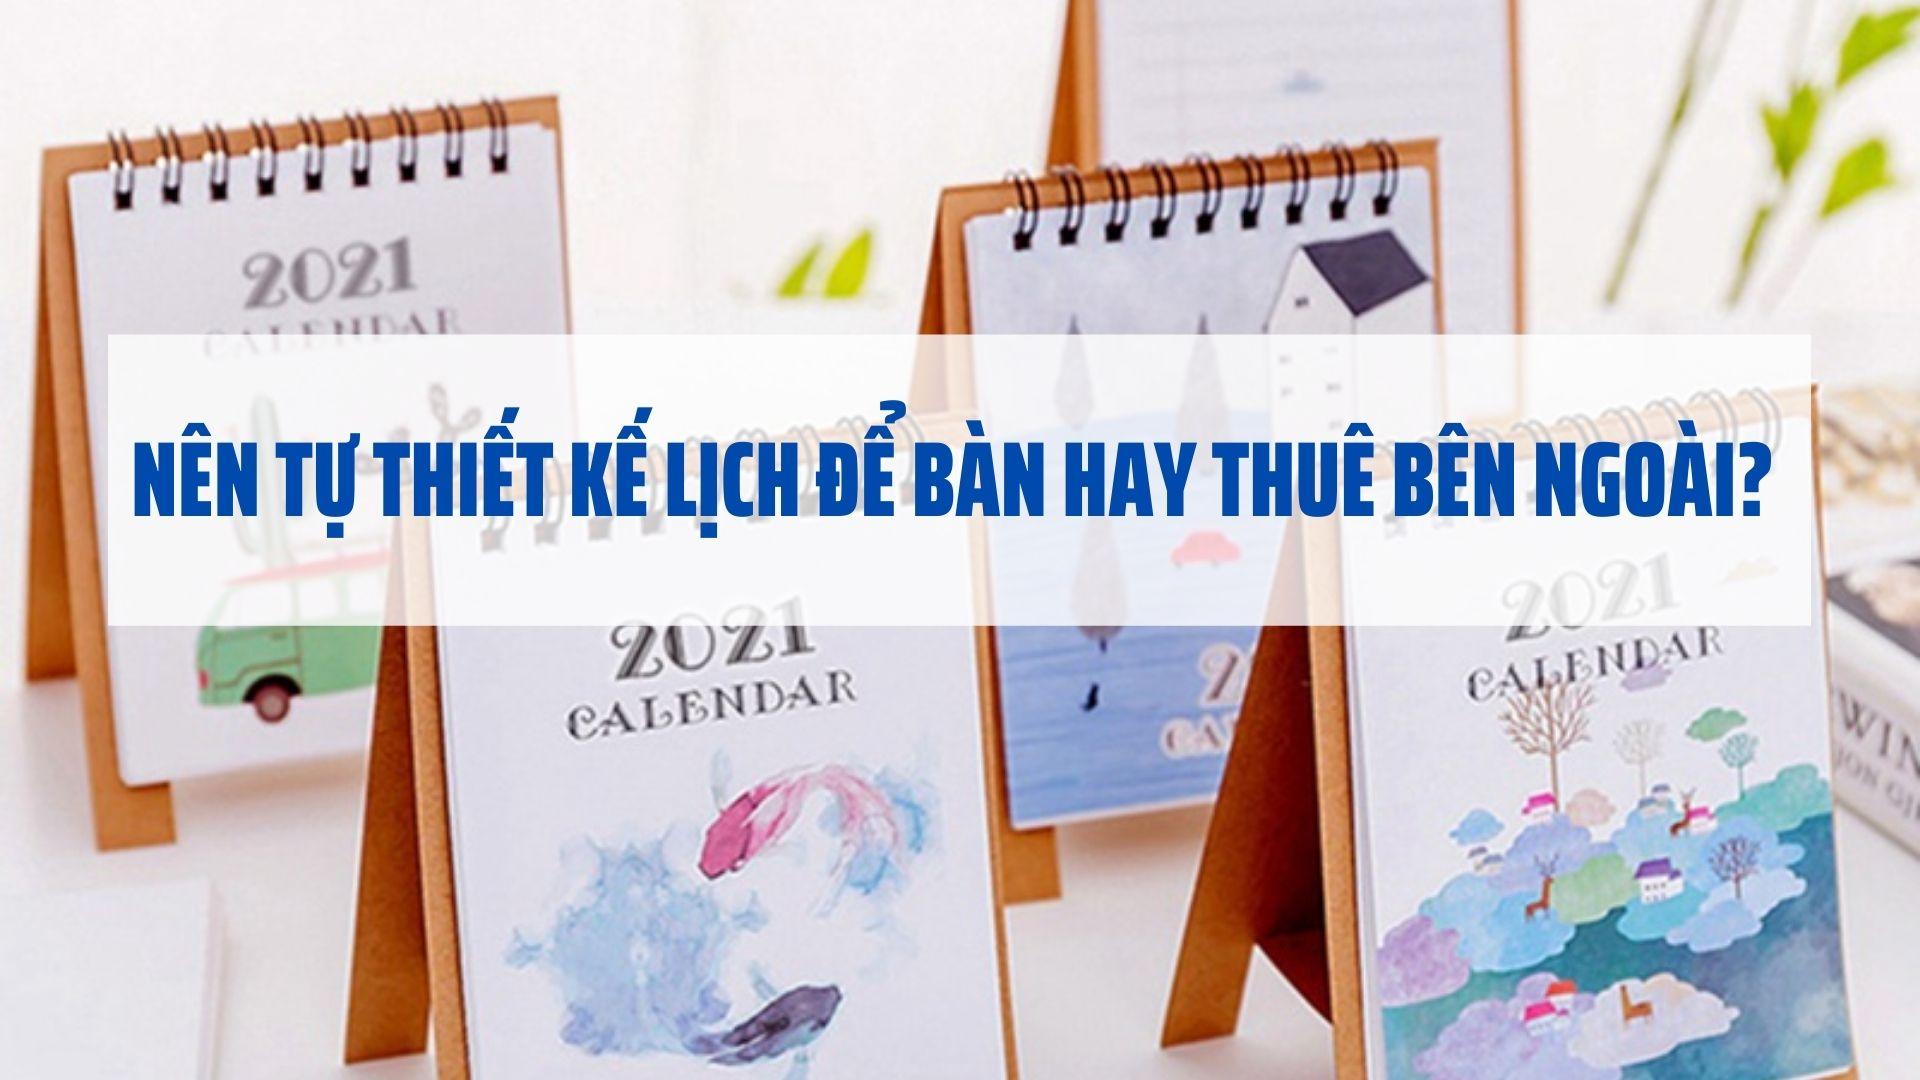 nen-tu-thiet-ke-lich-de-ban-hay-thue-ben-ngoai